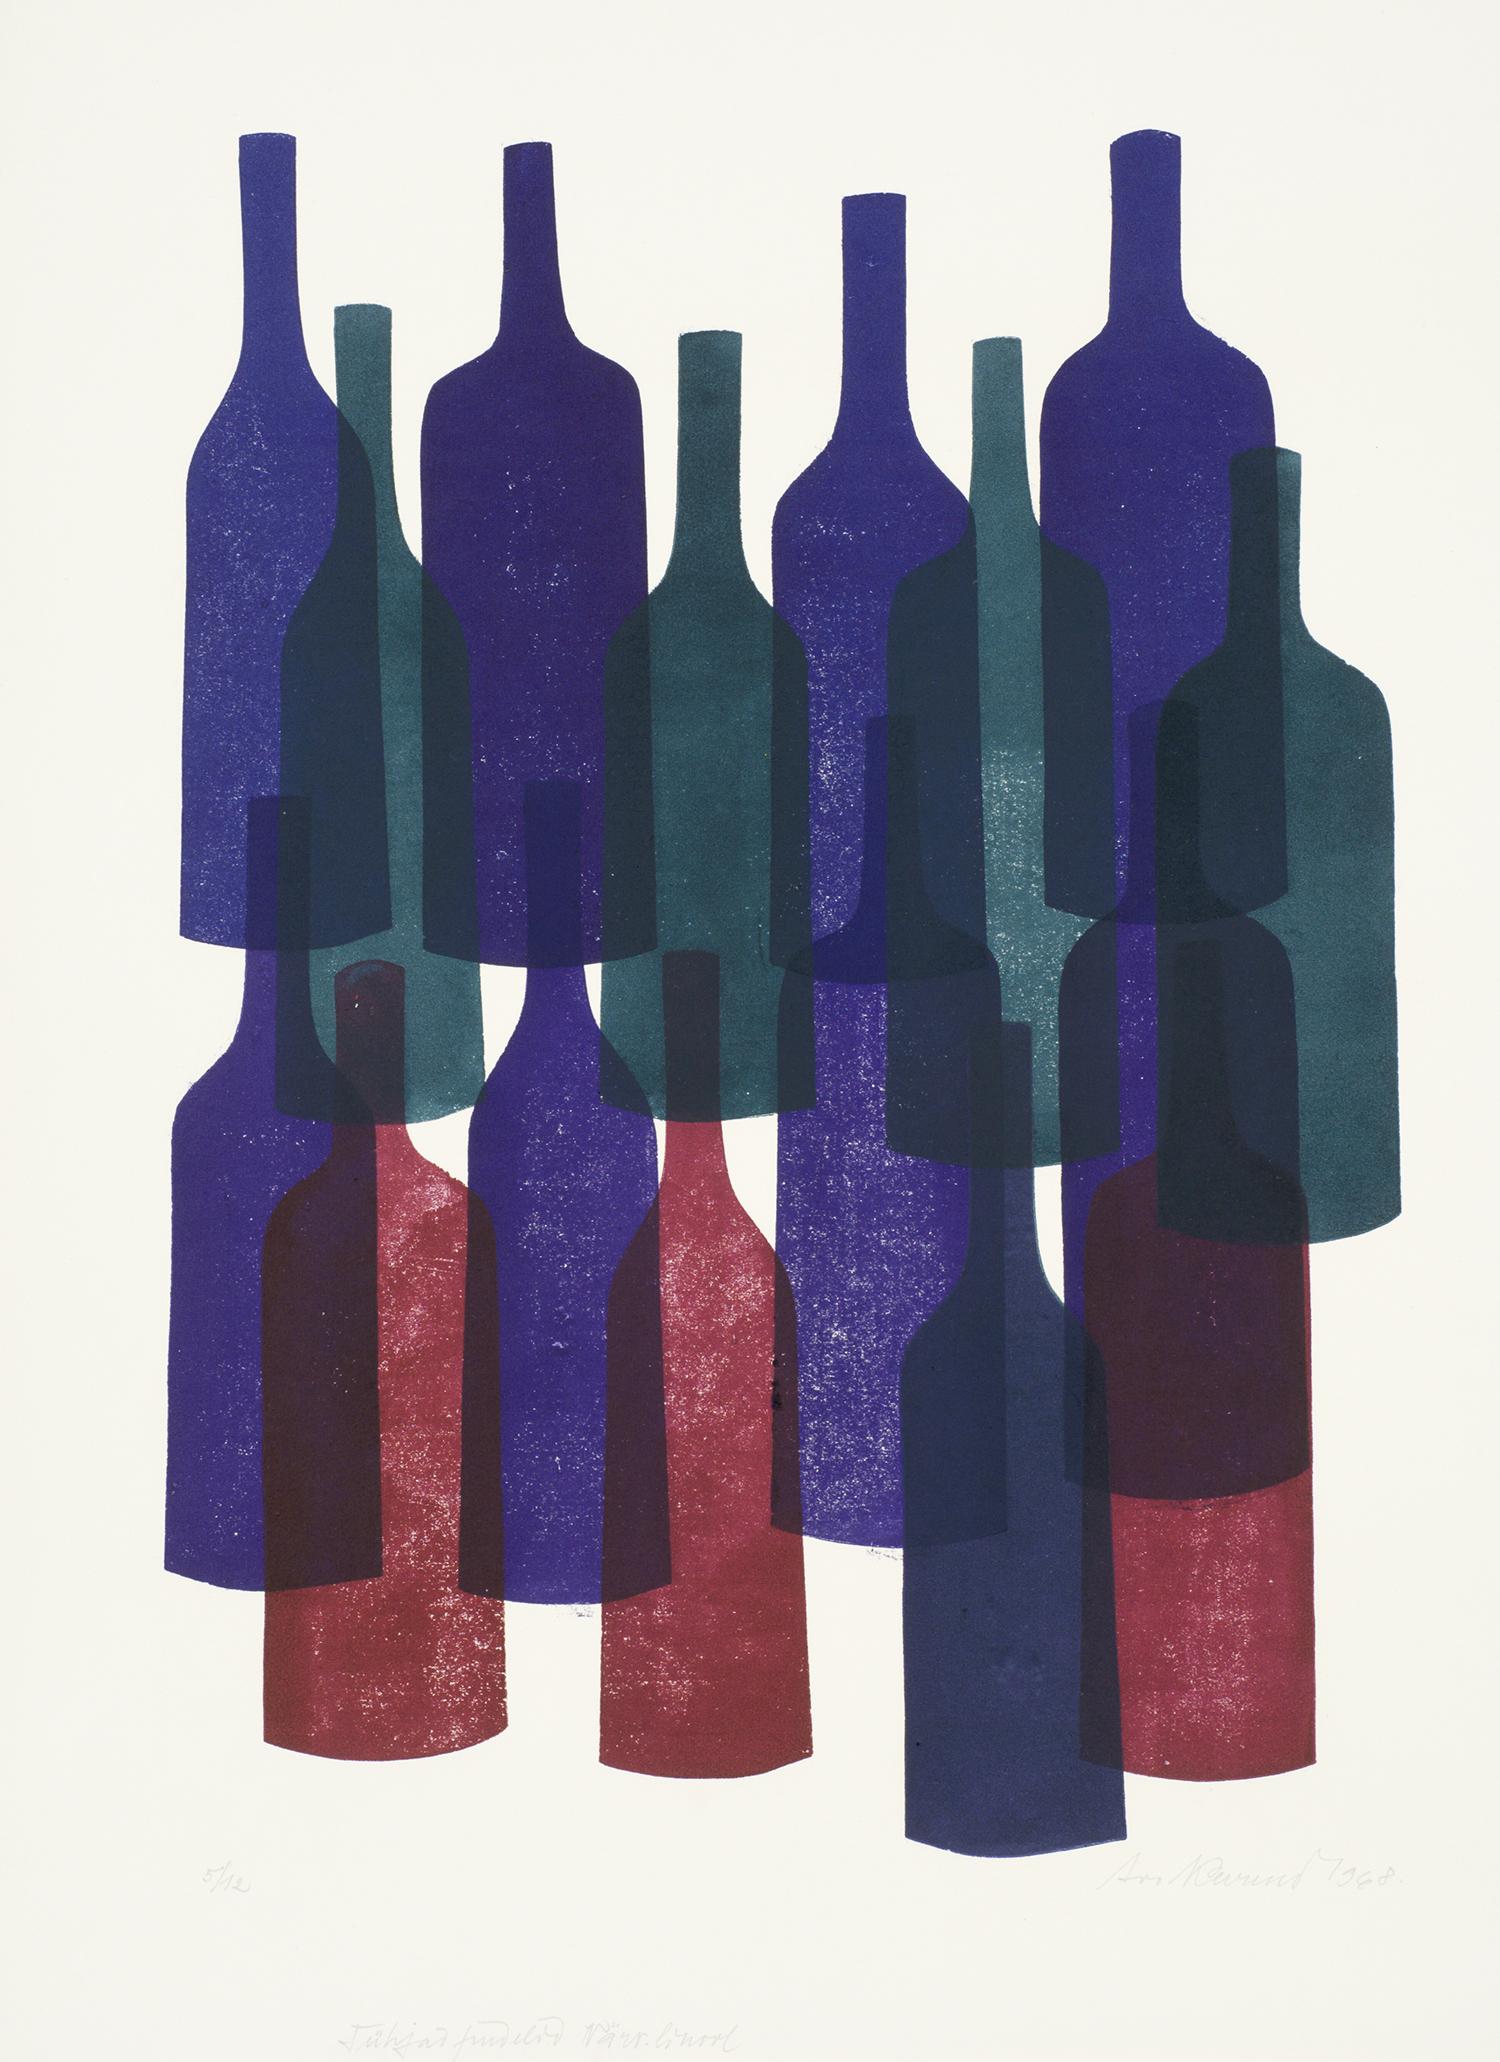 """Avo Keerendi linoollõige """"Tühjad pudelid, 1968, Eesti Kunstimuuseumi graafikakogu"""""""